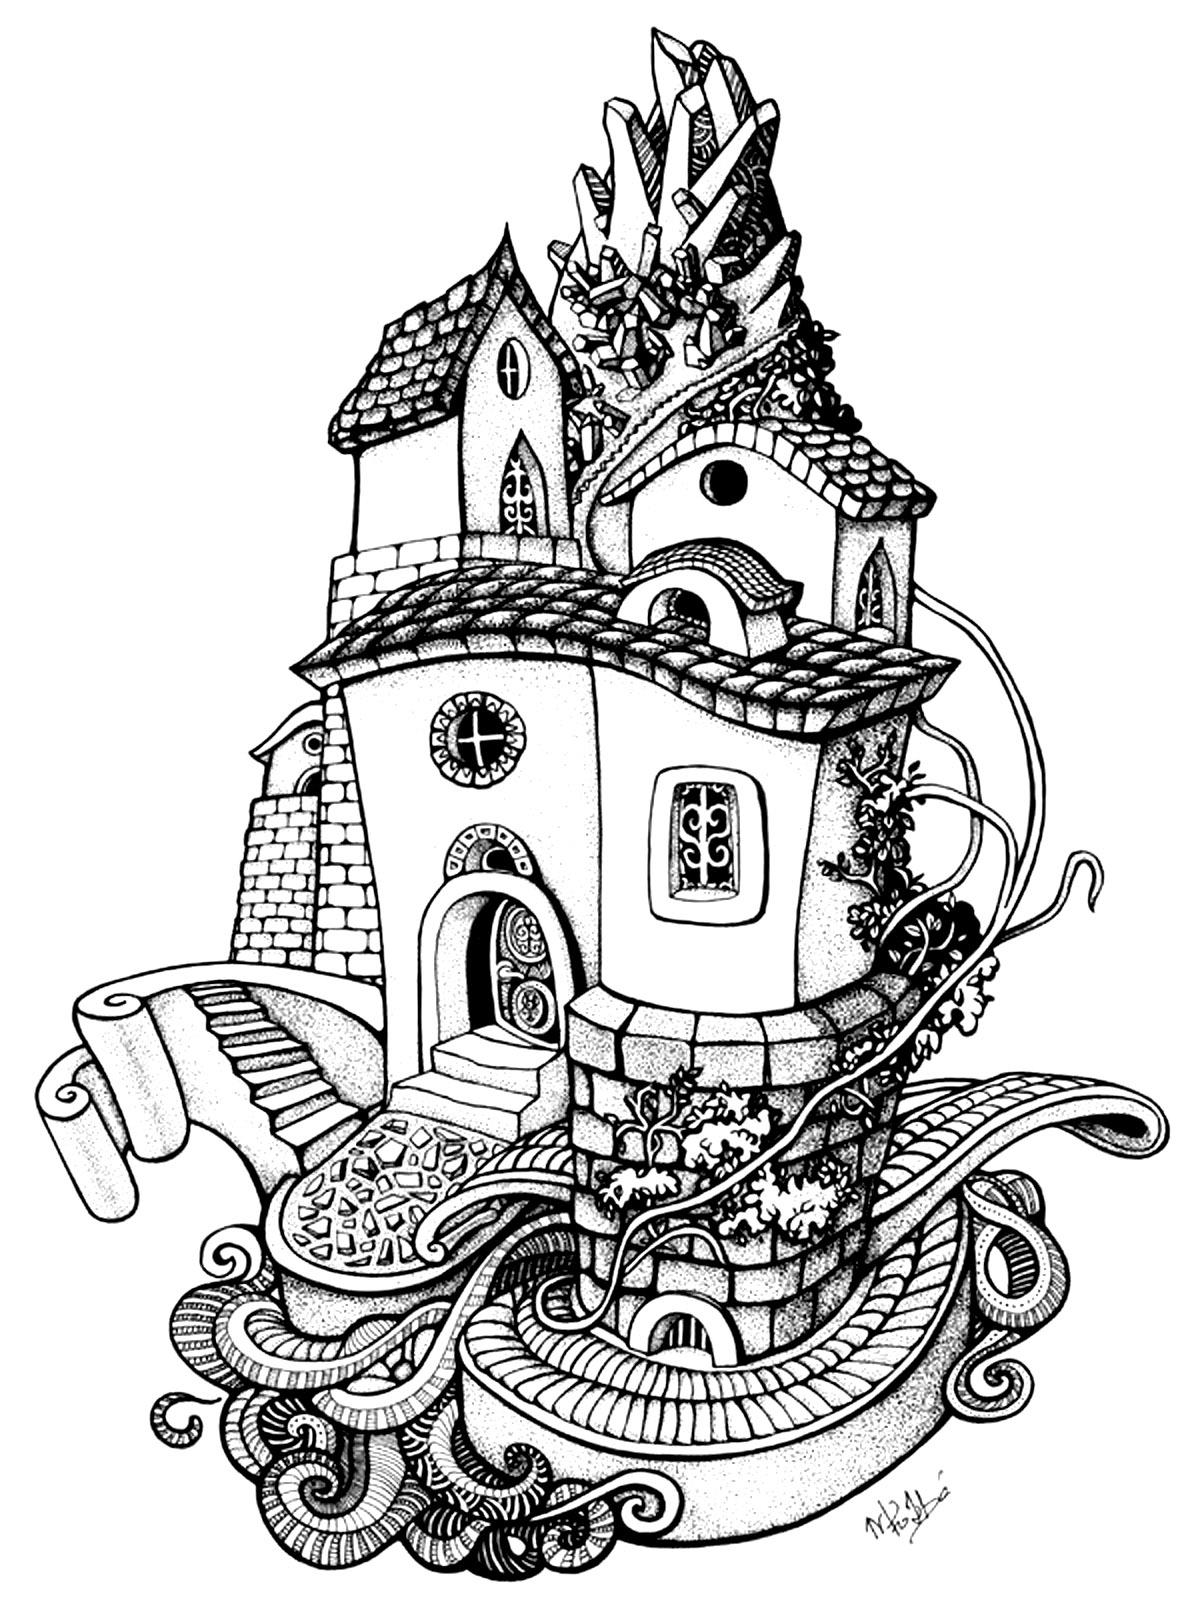 Disegni da colorare per adulti : Architettura & casa - 25